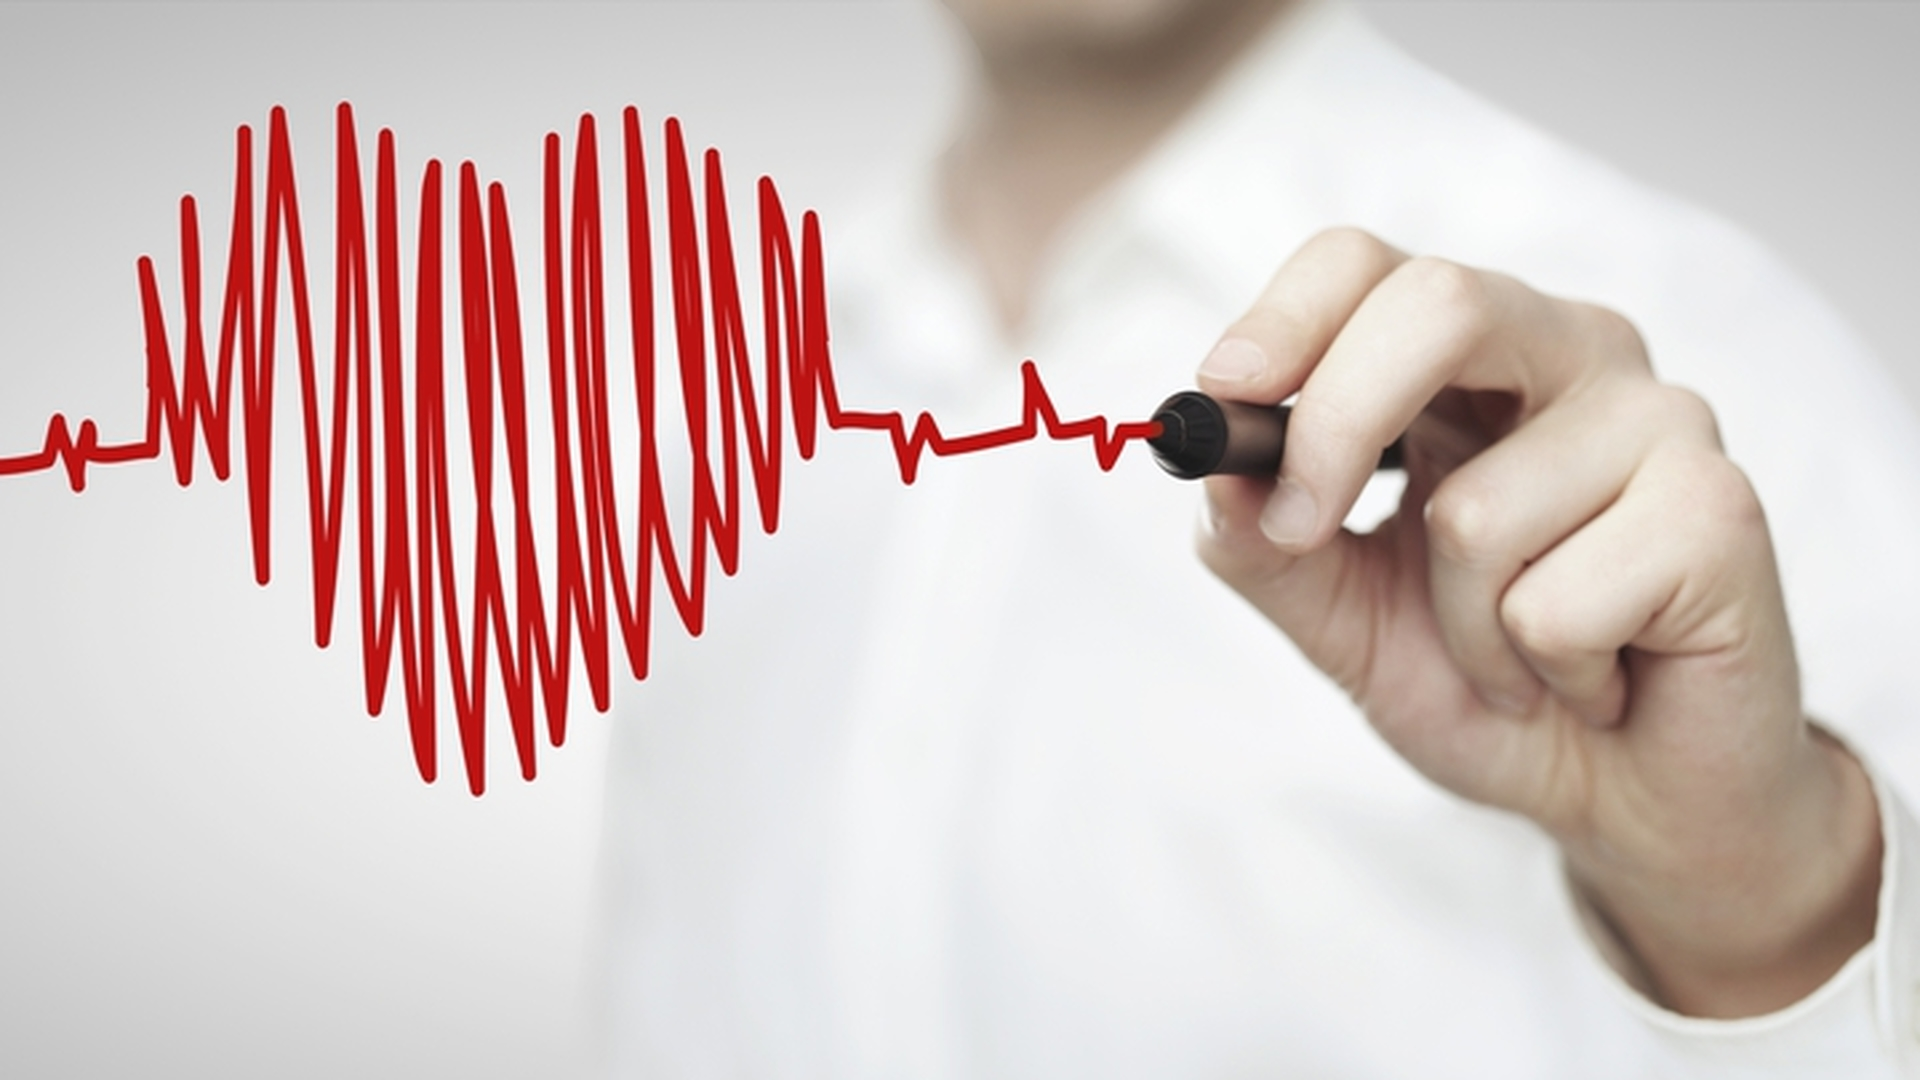 Снижение сердечно-сосудистых заболеваний и смертности от инсульта, наблюдавшееся в течение 50 лет начало замедляться